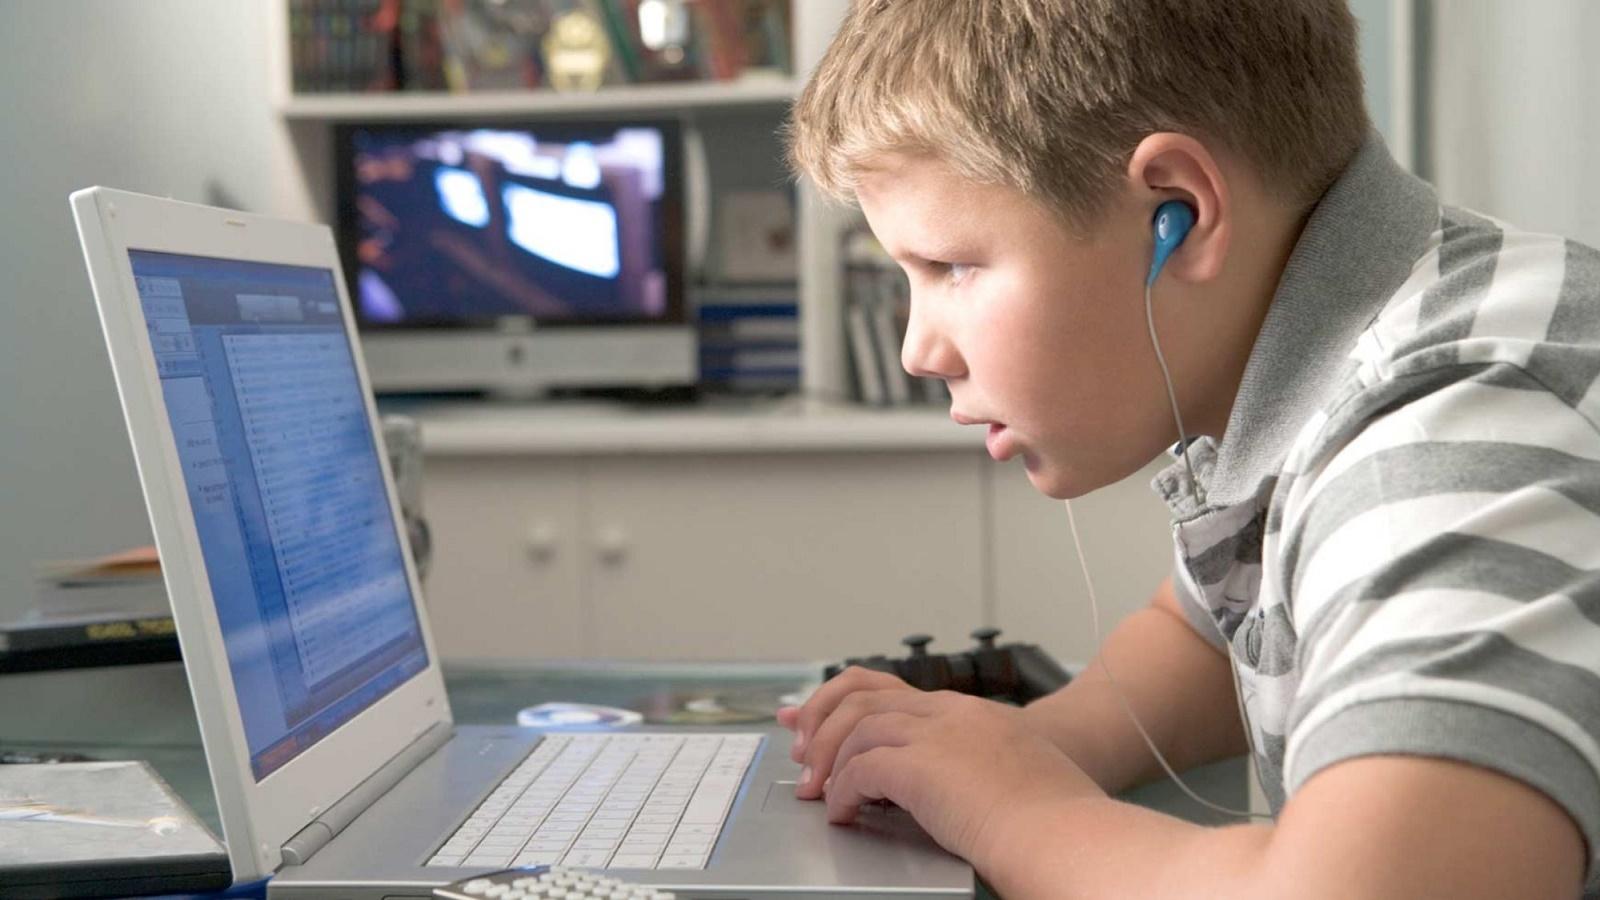 Lo que afecta negativamente a los niños